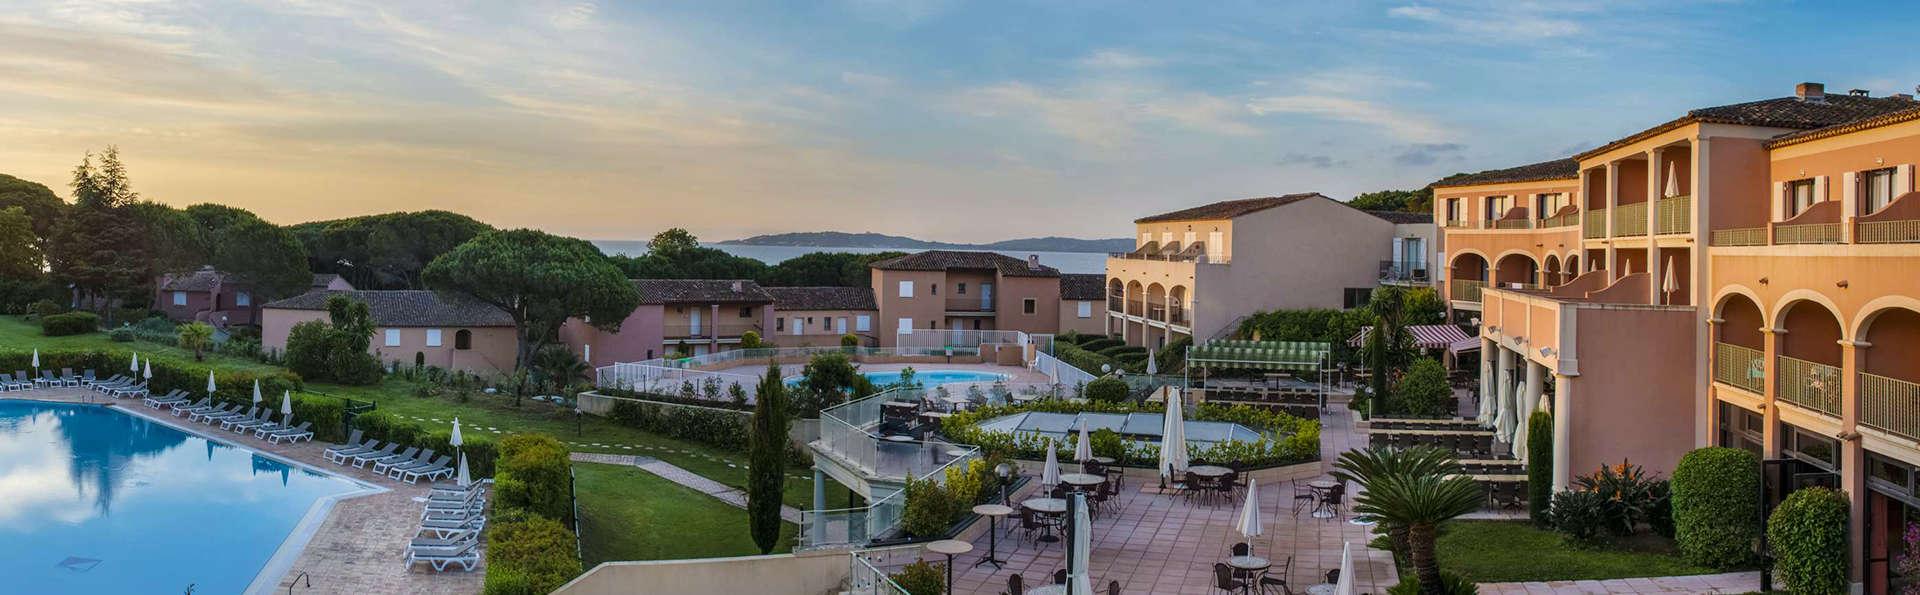 Hôtel Les Jardins De Sainte-Maxime 3* - Sainte-Maxime, France pour Hotel Les Jardins De Sainte Maxime